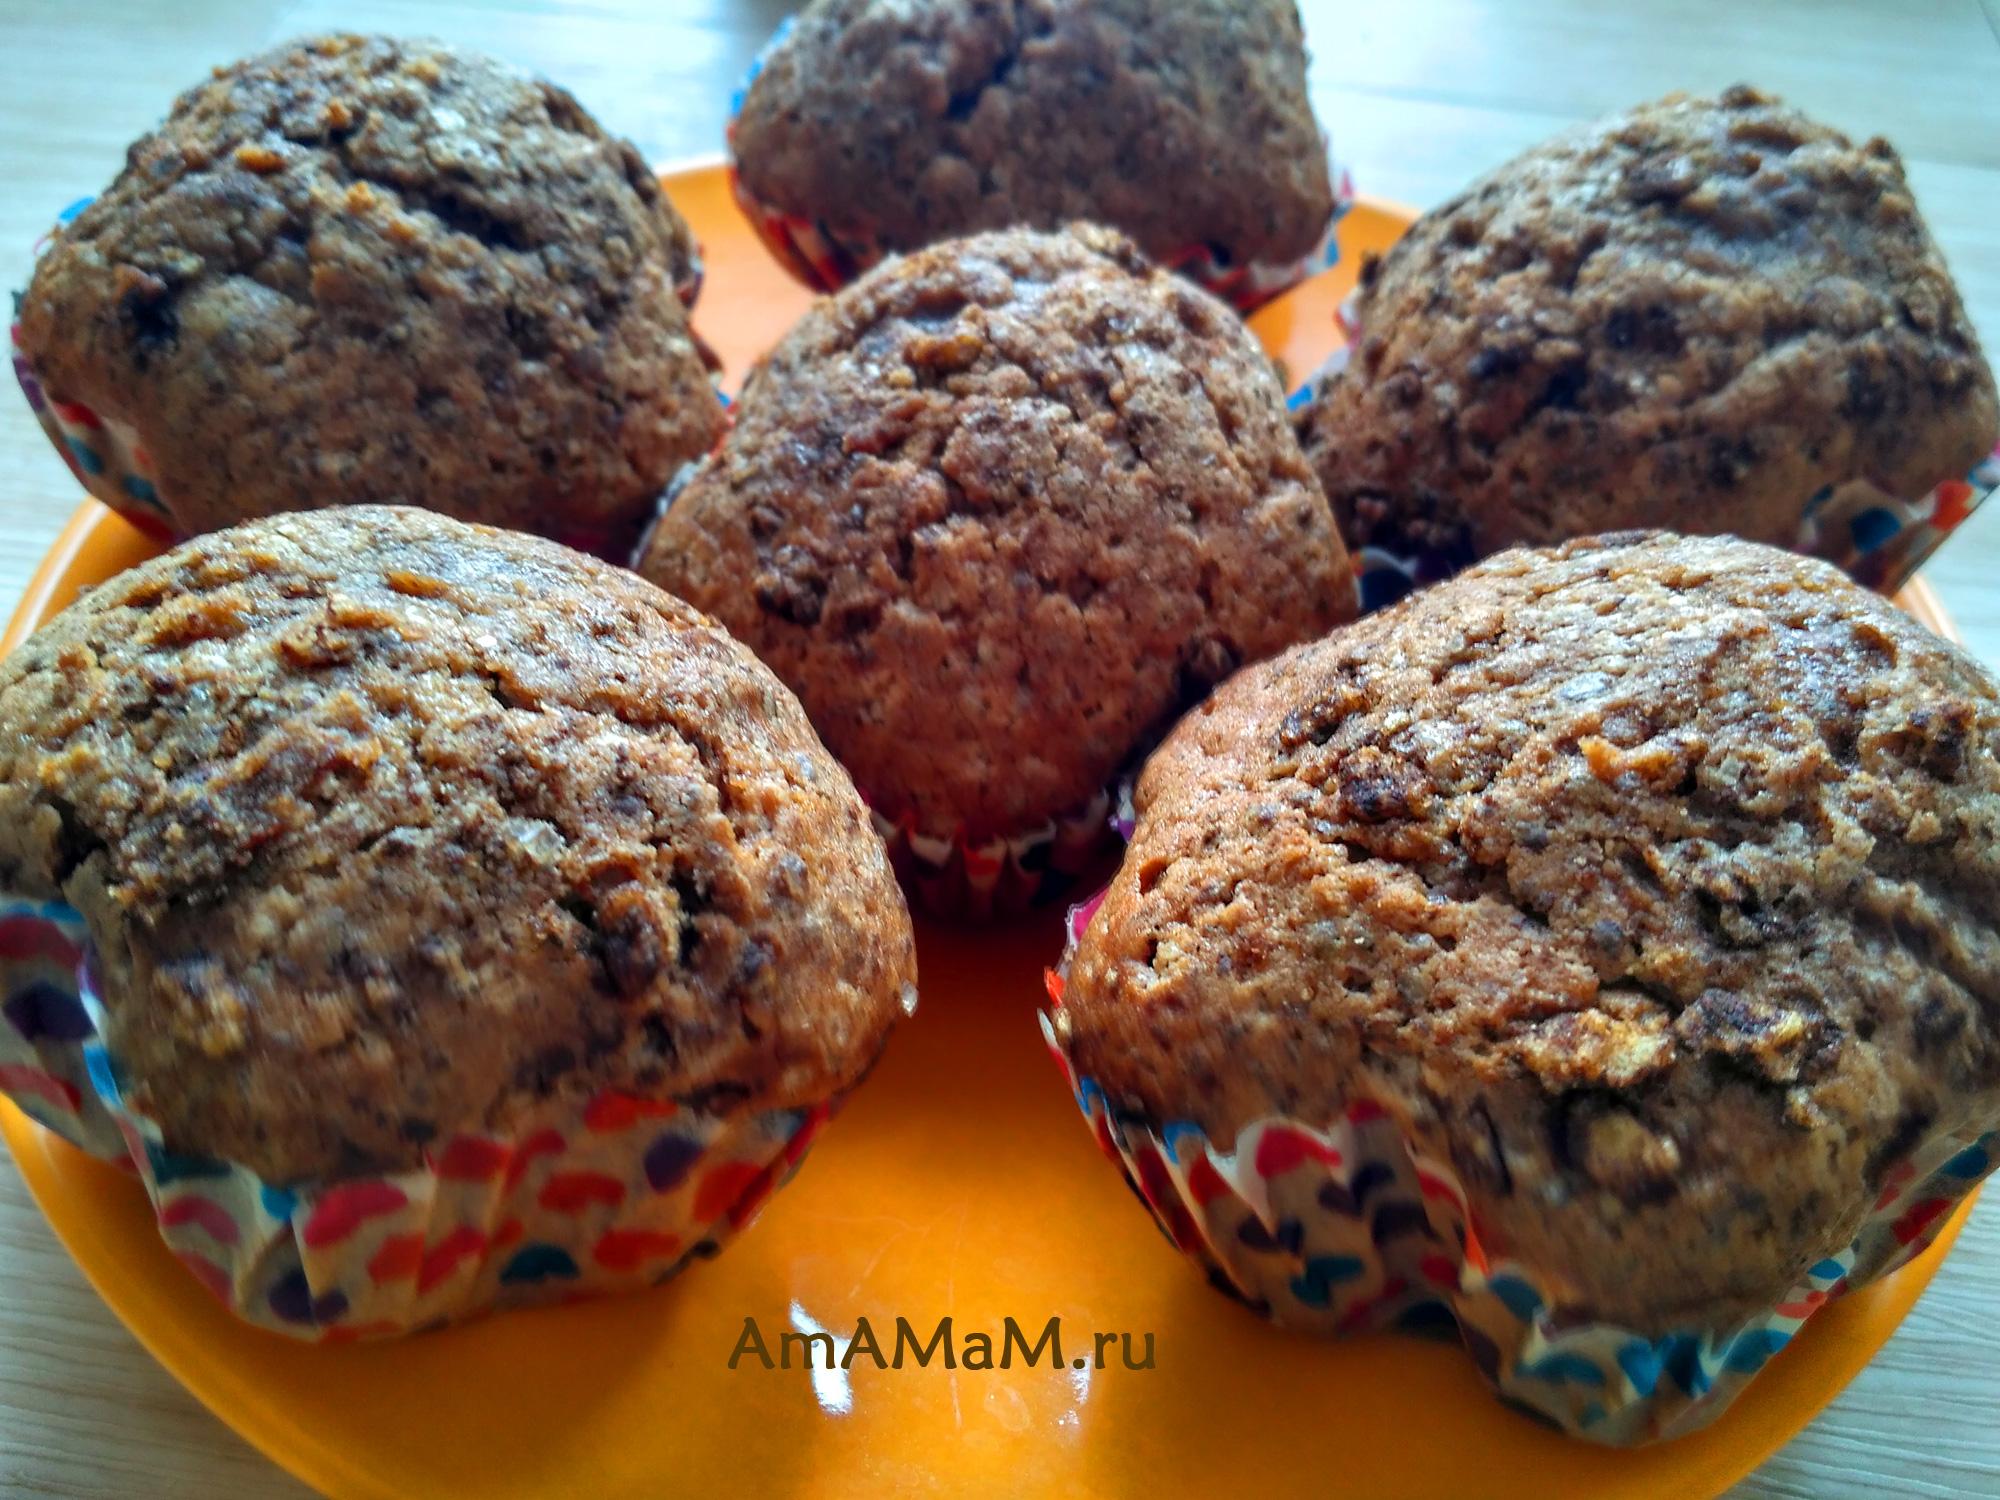 Фото и рецепт домашних шоколадных кексов